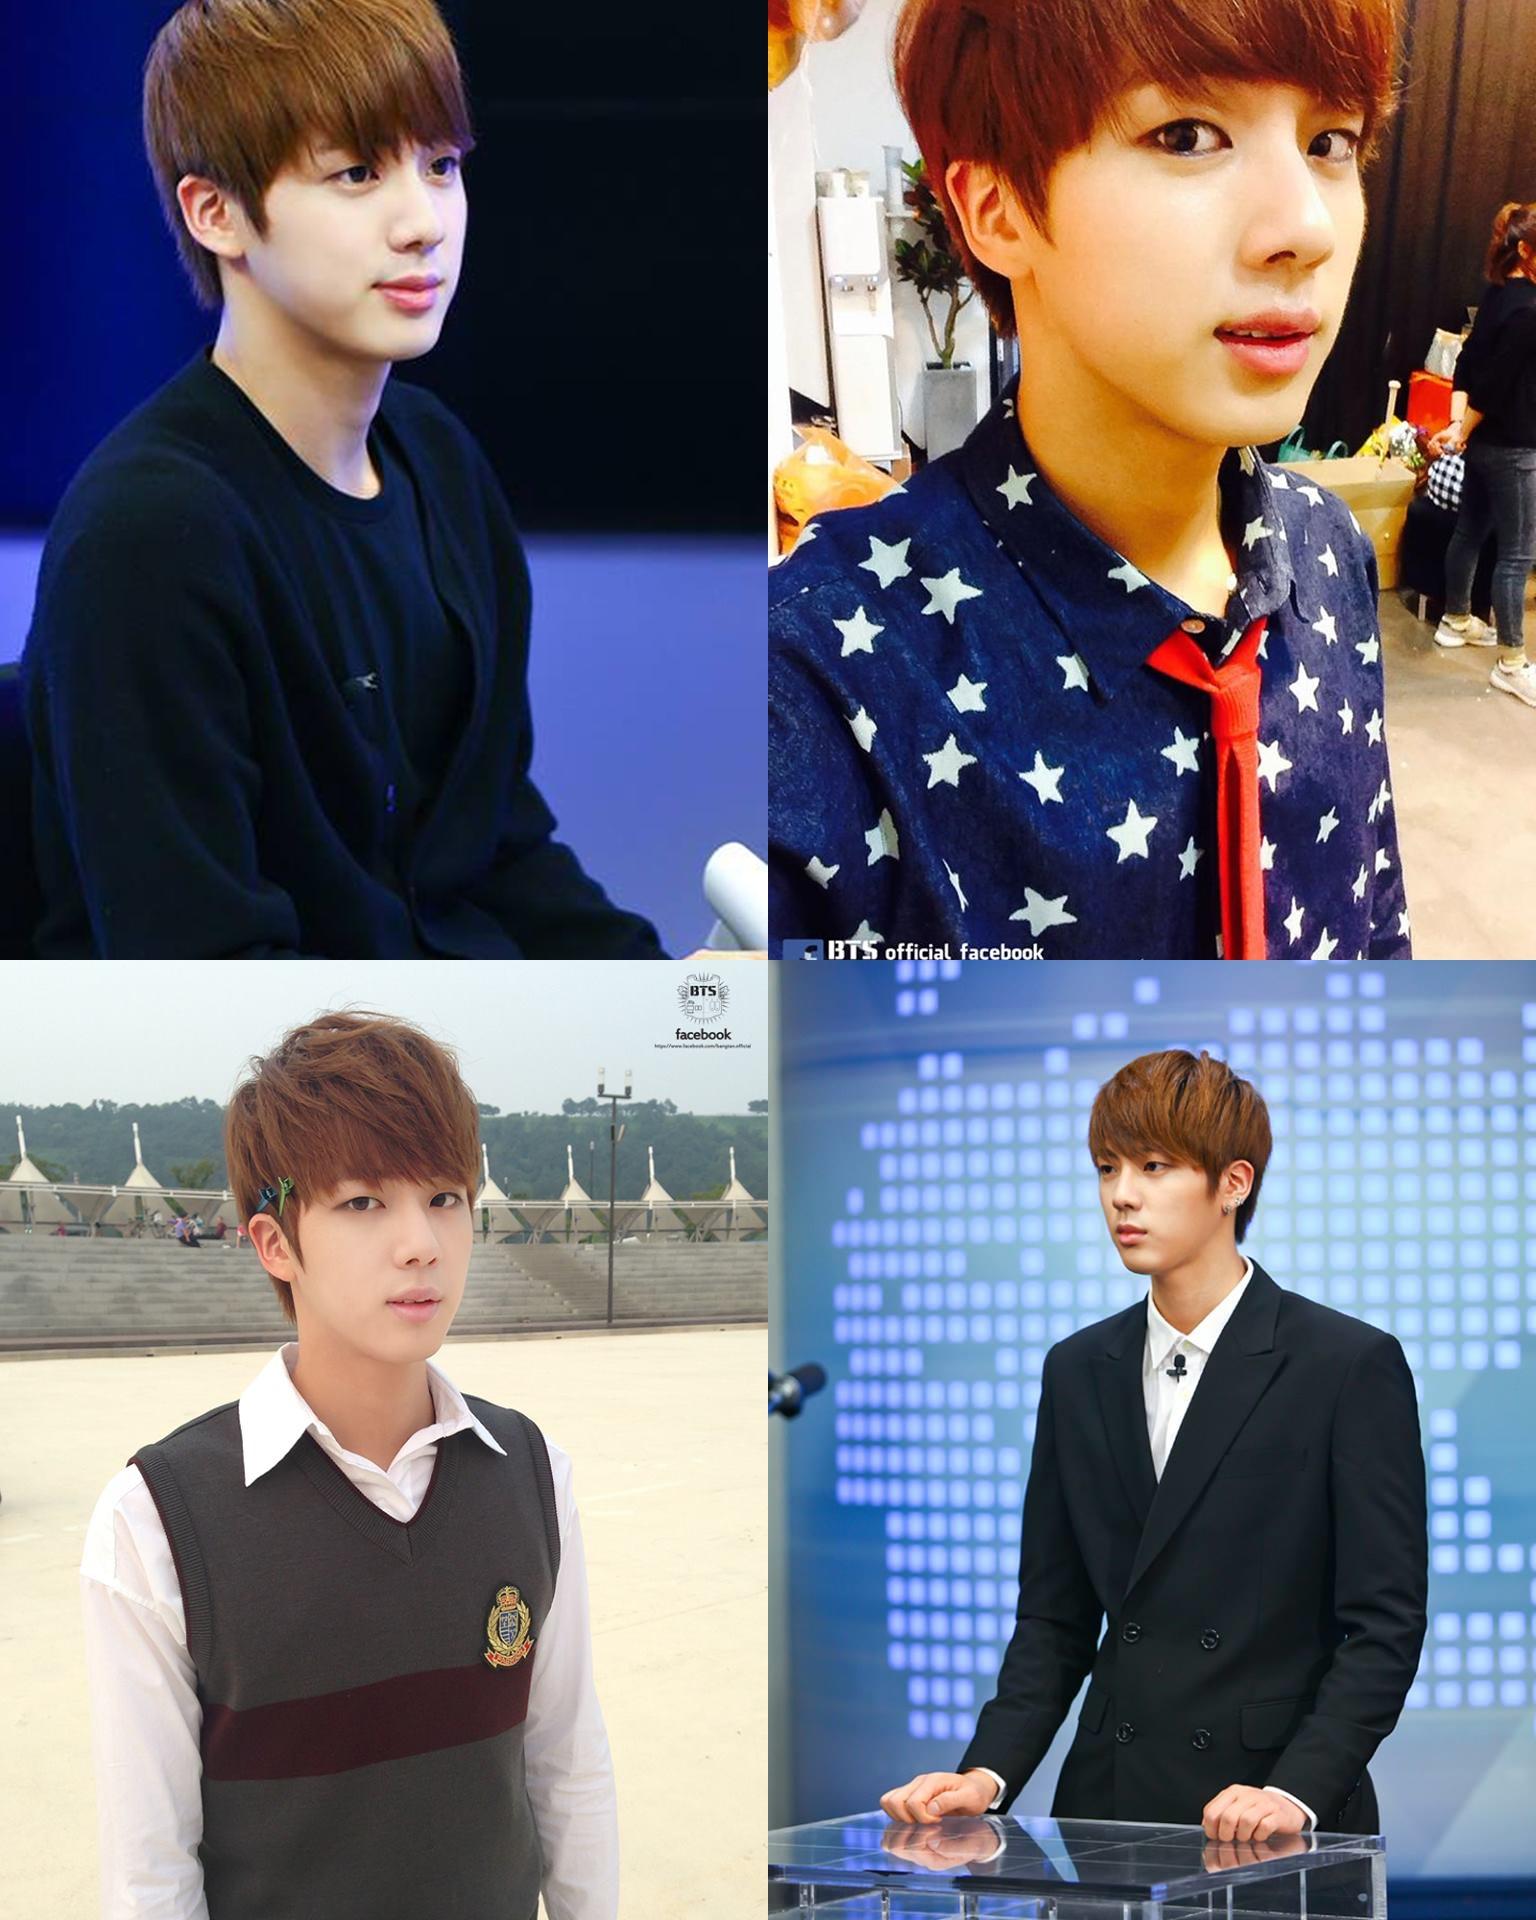 另外,Jin 也是對內的門面擔當喔 ♡ (゚∀゚ ) 而且他的肩膀比例也很好看,所以還有肩膀美男的稱號。